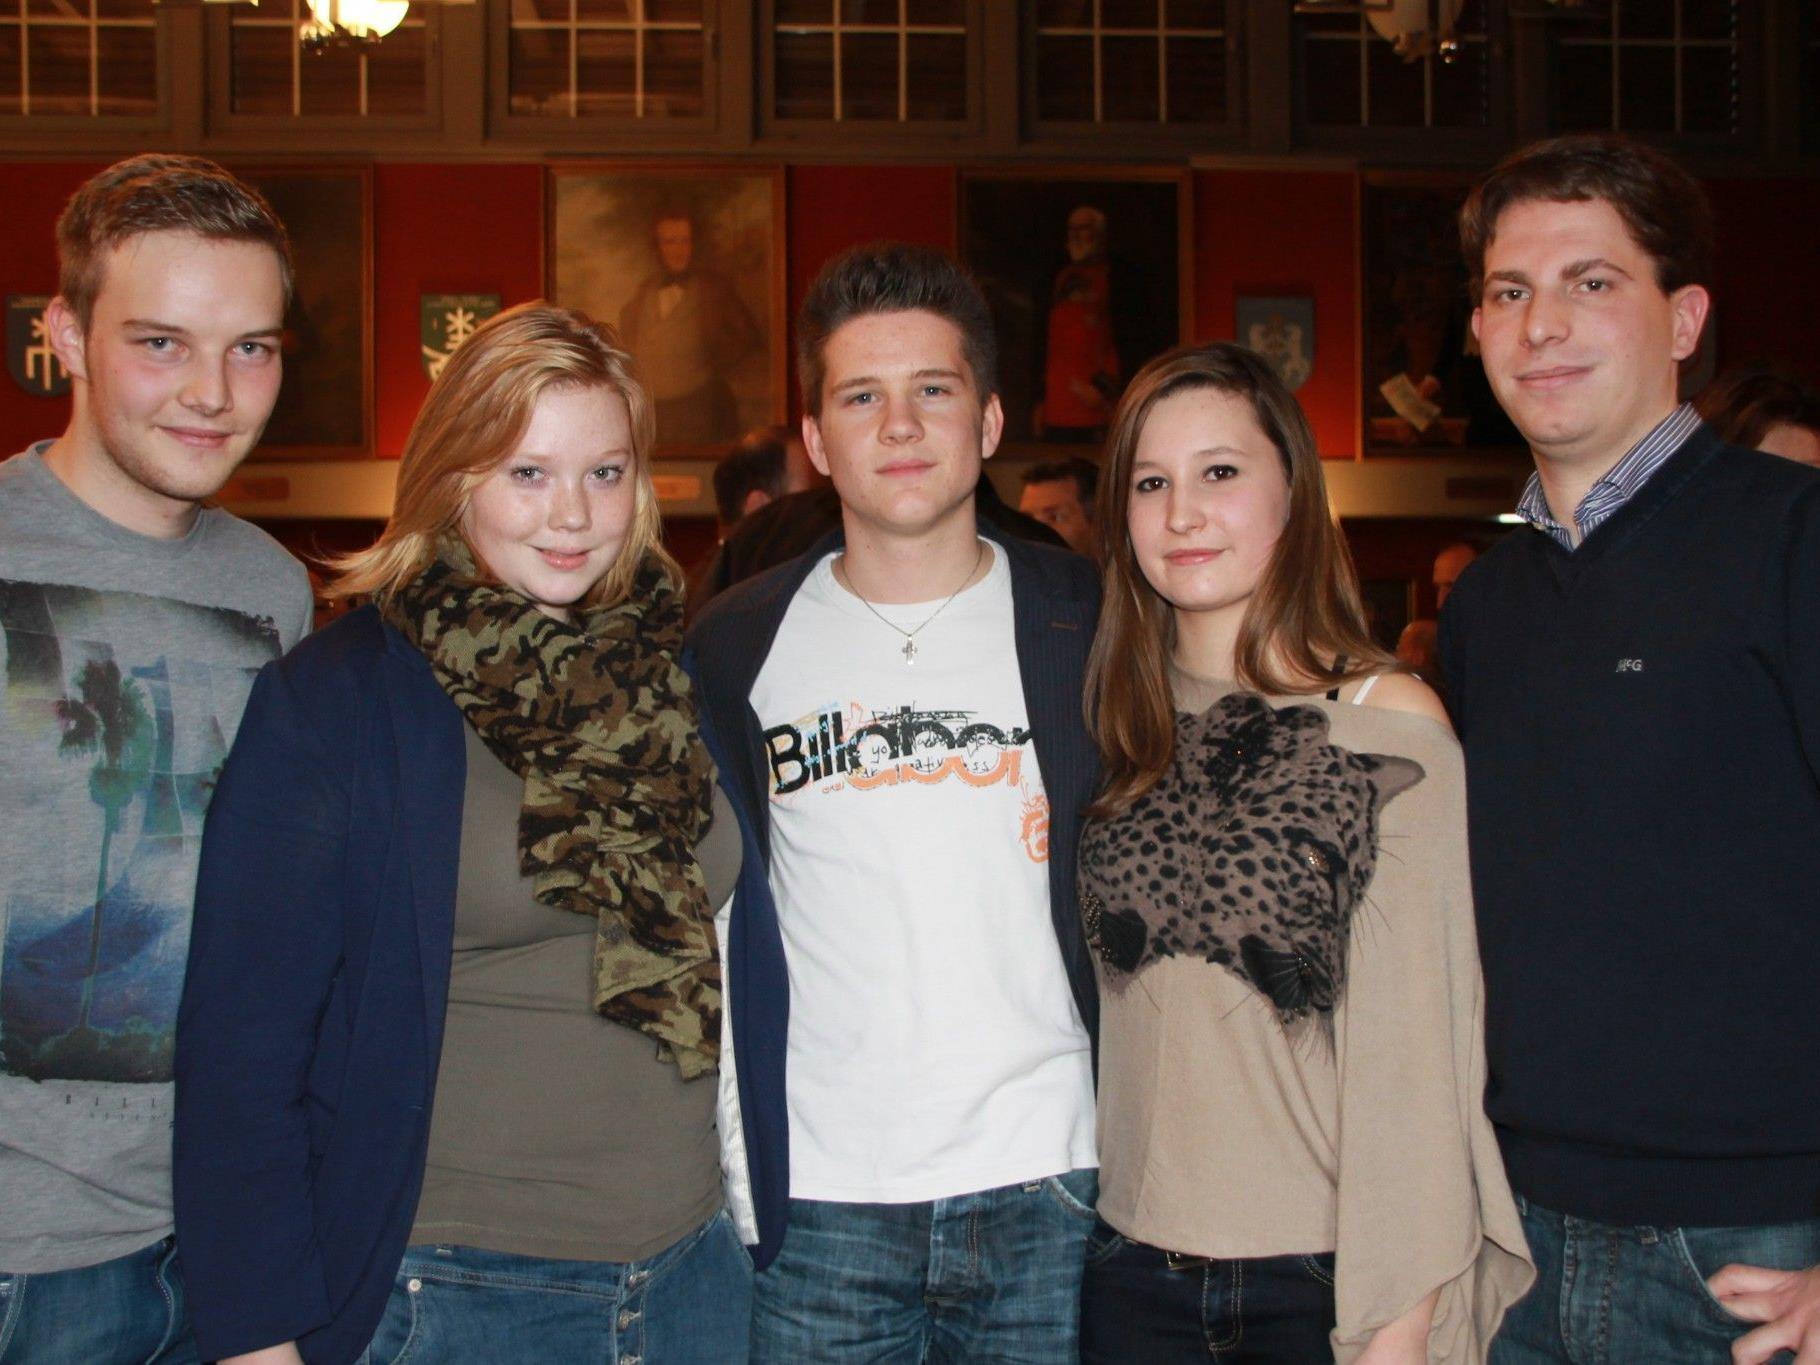 Der Jugendrat Liechtenstein stellte sich im Vaduzer Rathaussaal  vor.